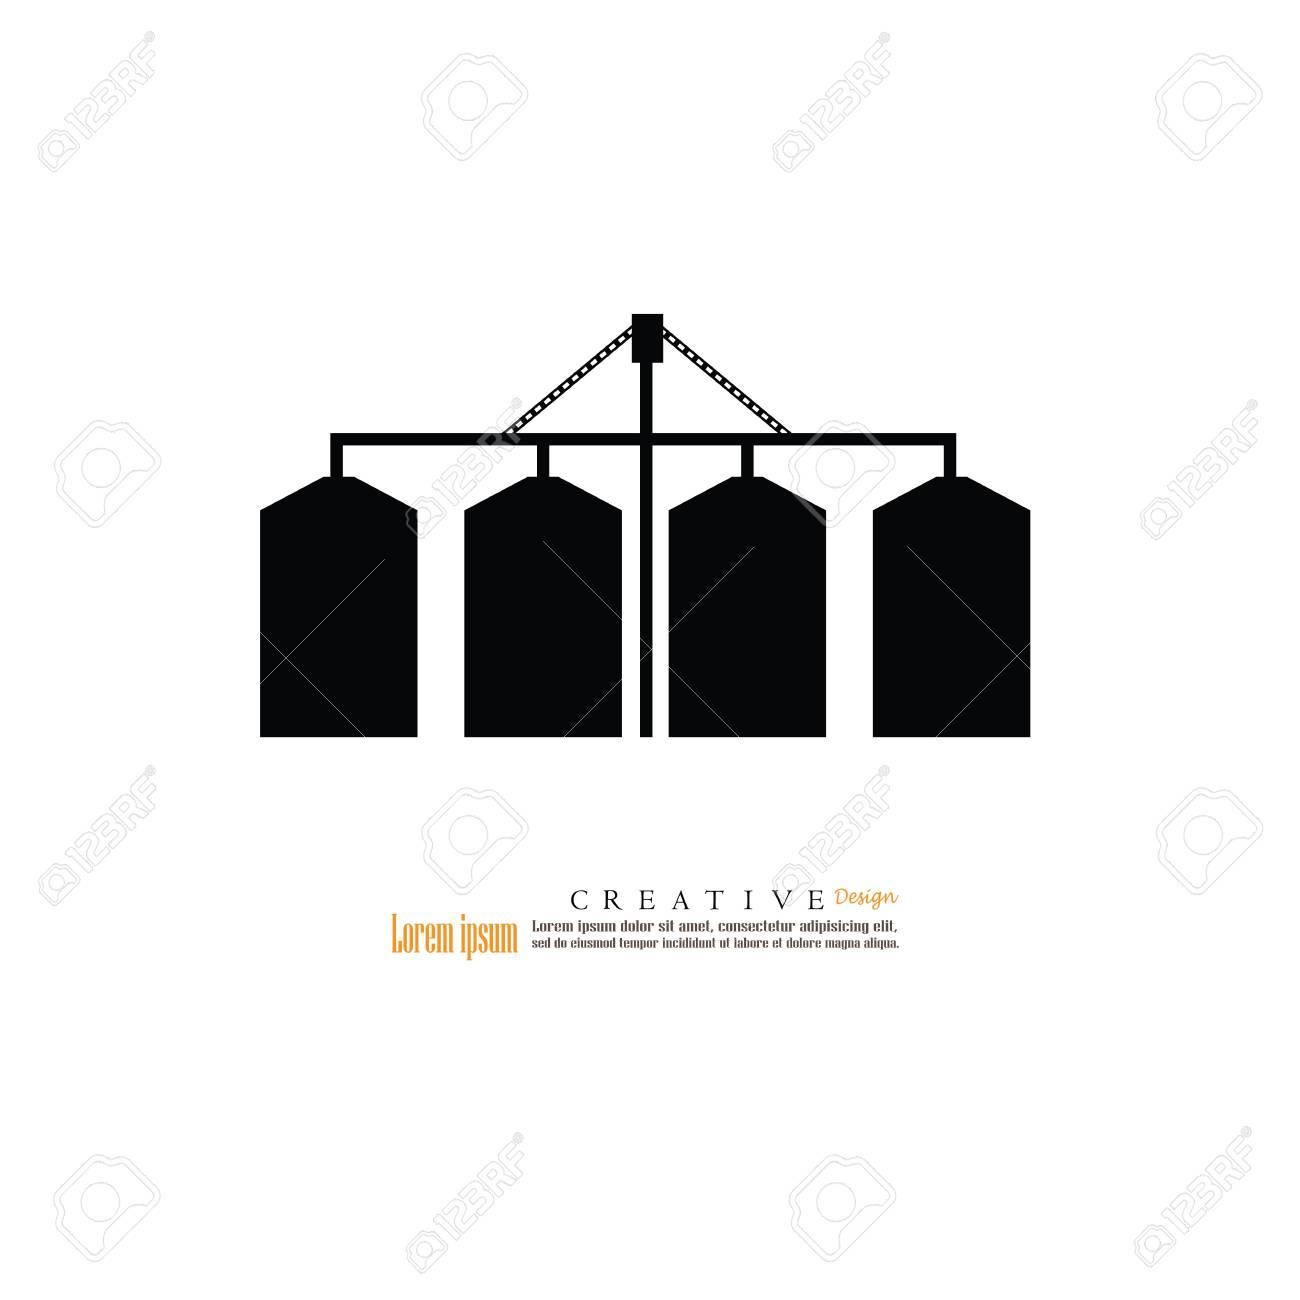 grain silo.silo.vector illustration. - 82026959